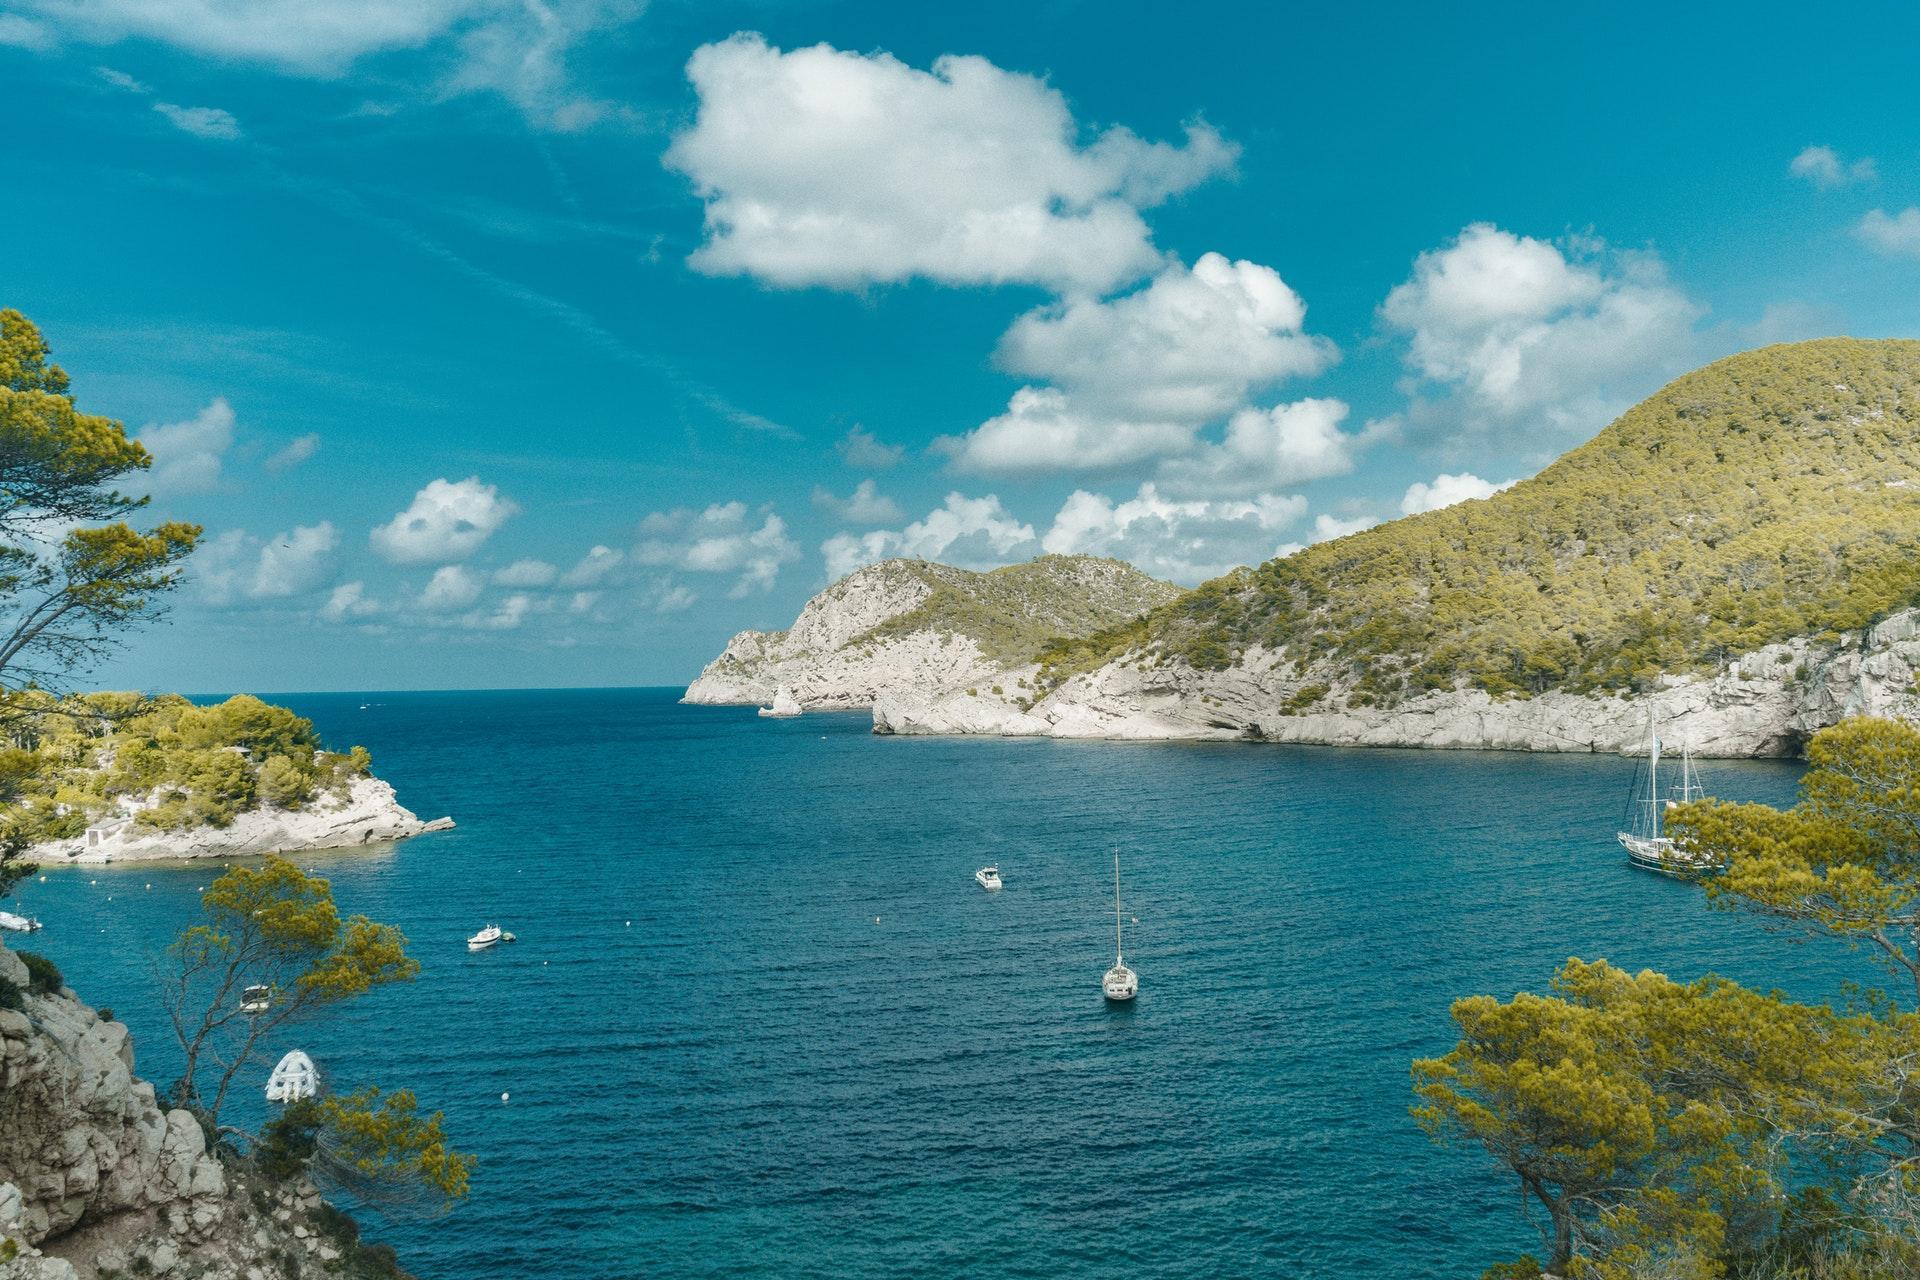 bay-beach-blue-2242207.jpg